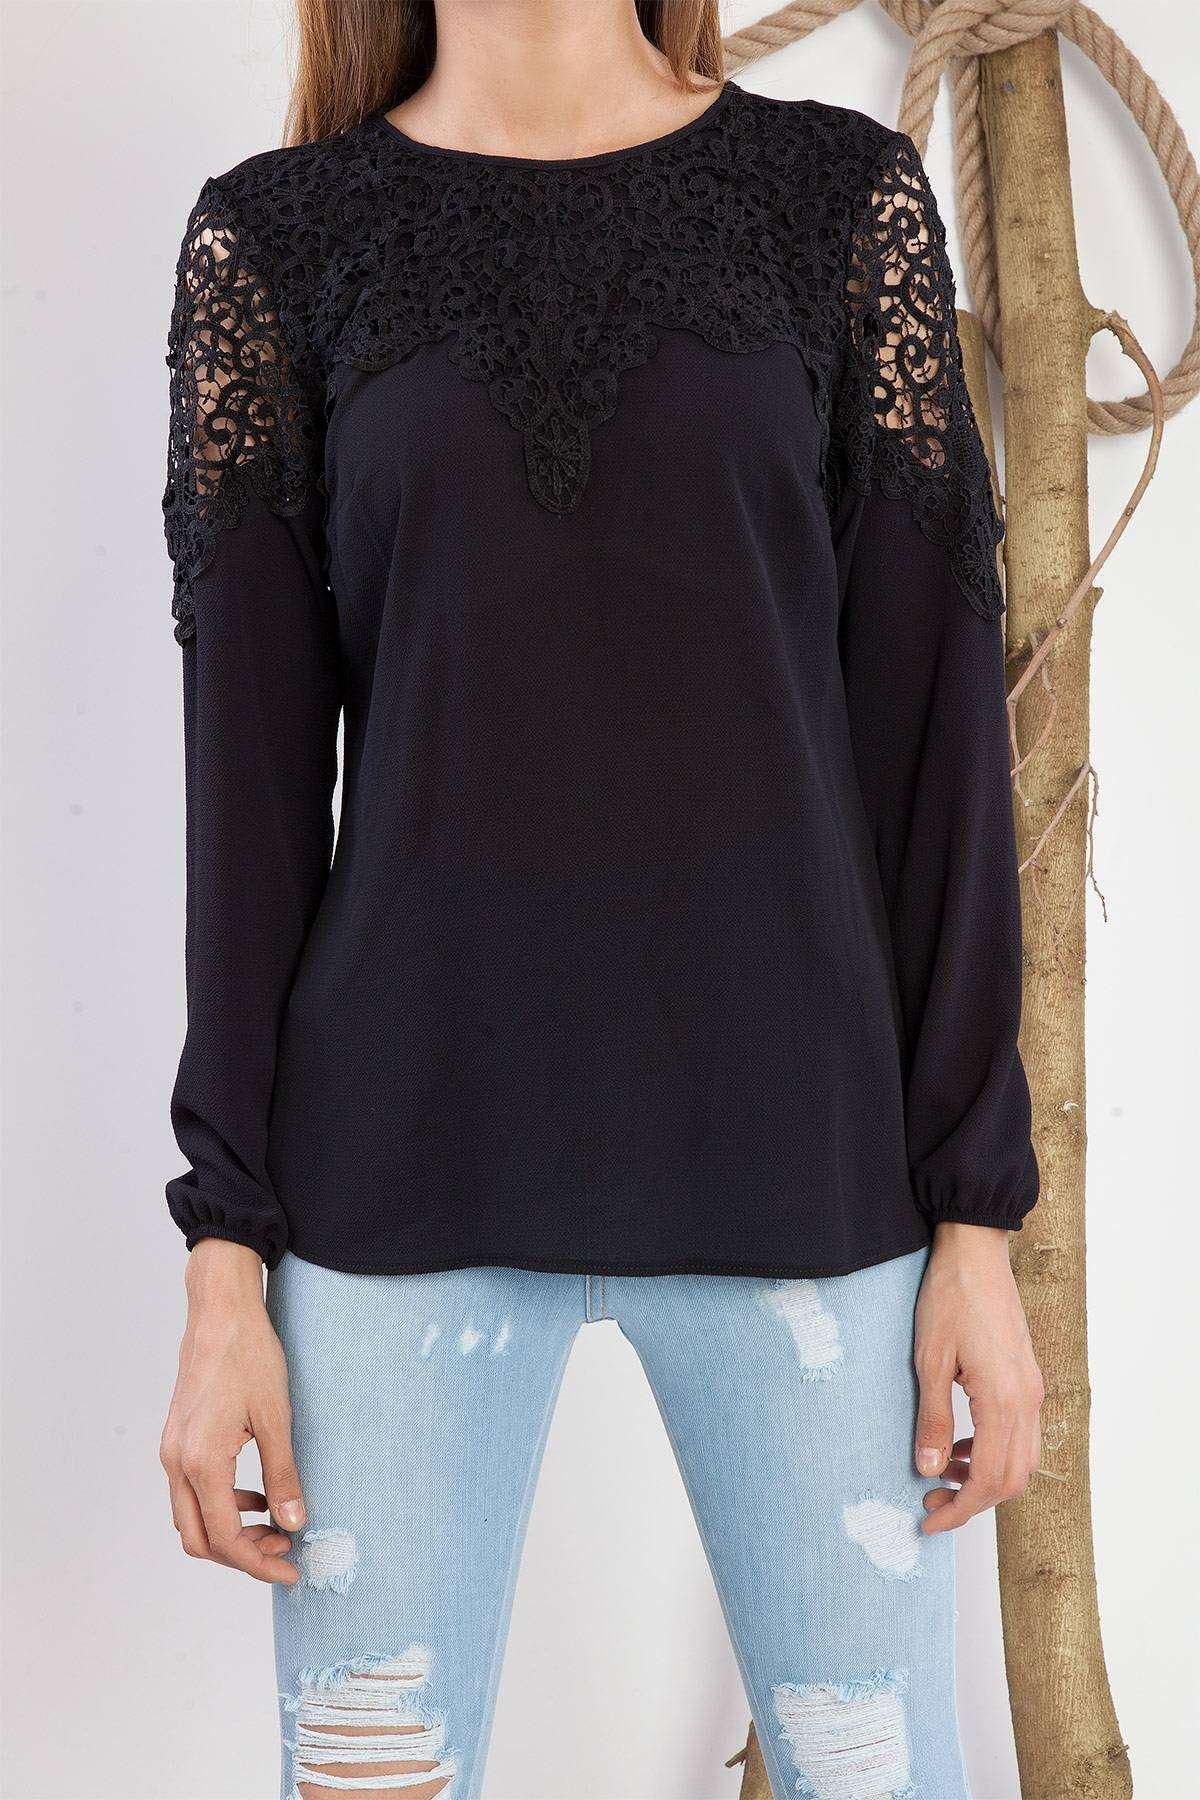 Kol Üstü Ve Robası Dantelli Bluz Siyah